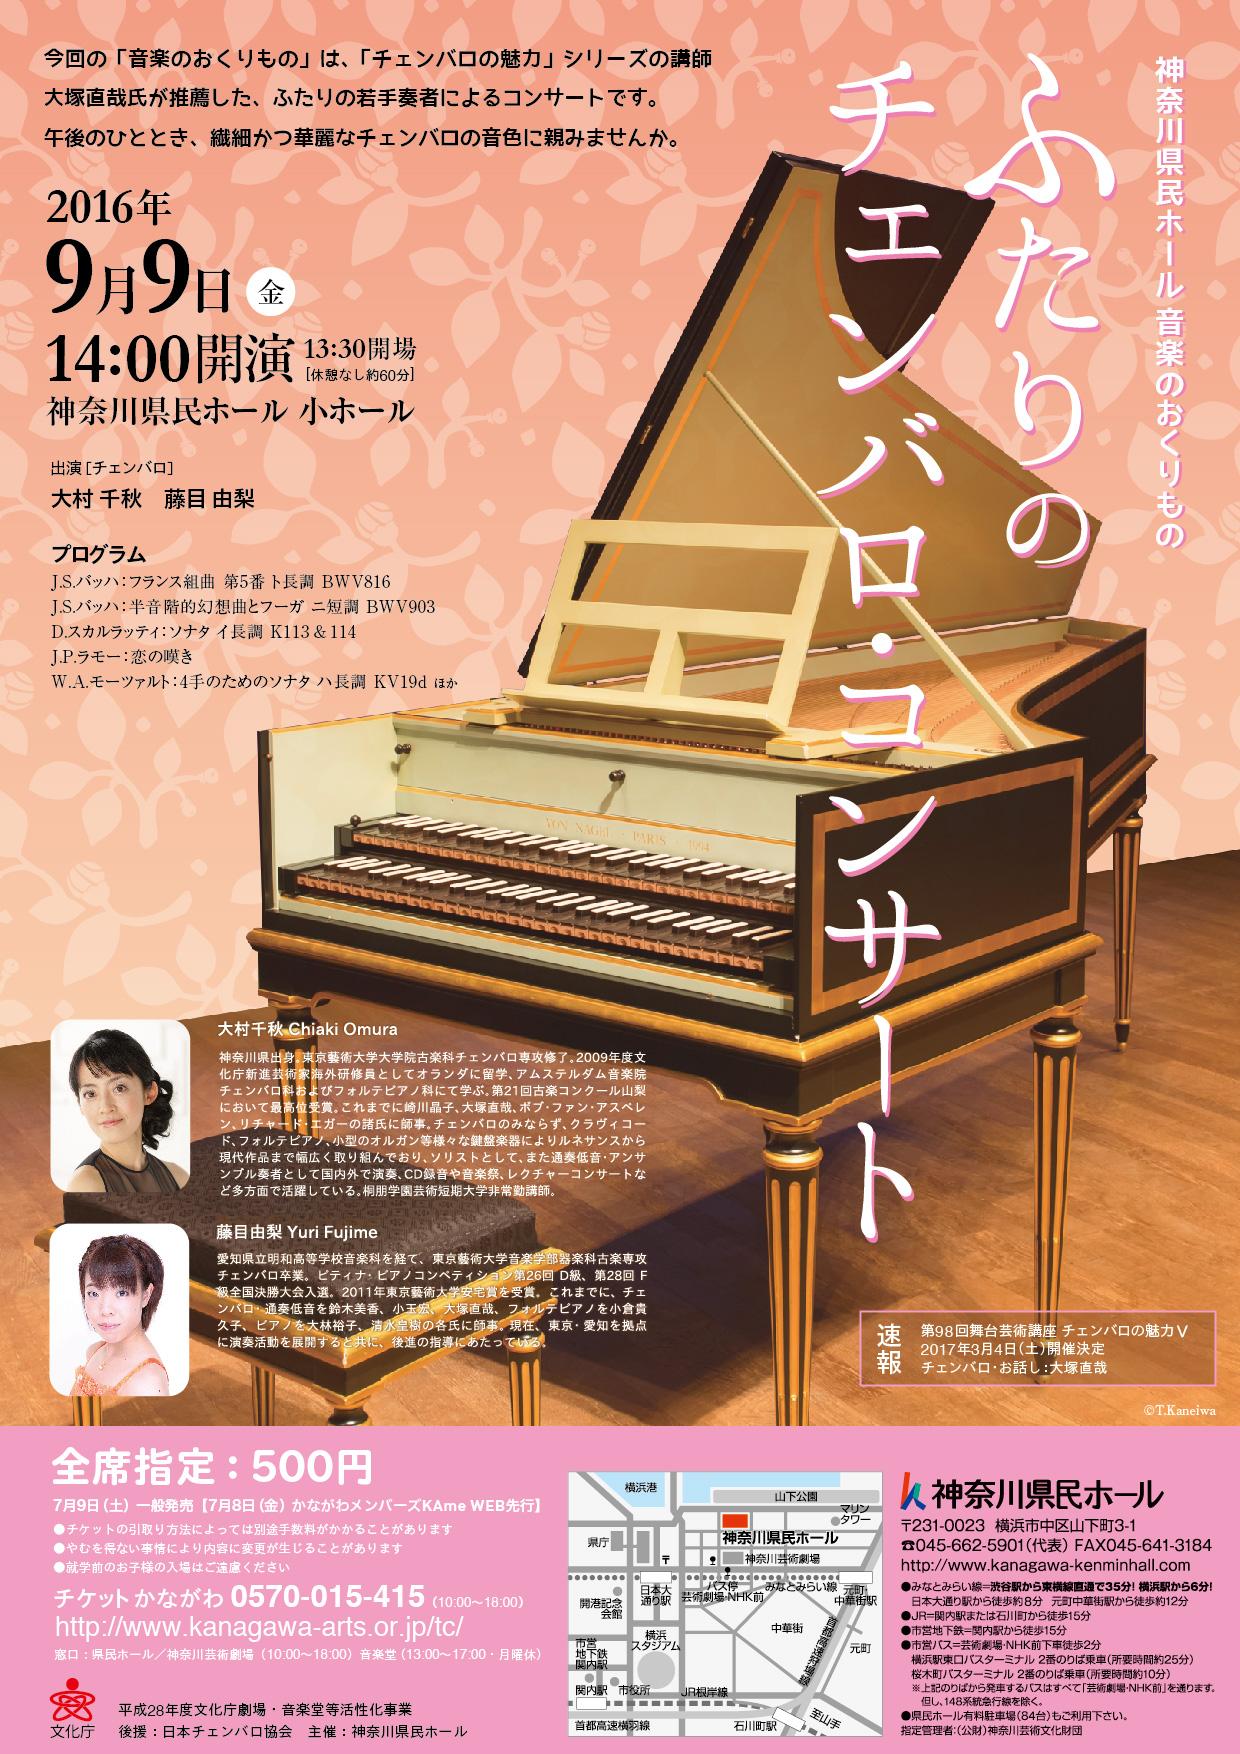 神奈川県民ホール 音楽のおくりもの ふたりのチェンバロ・コンサート